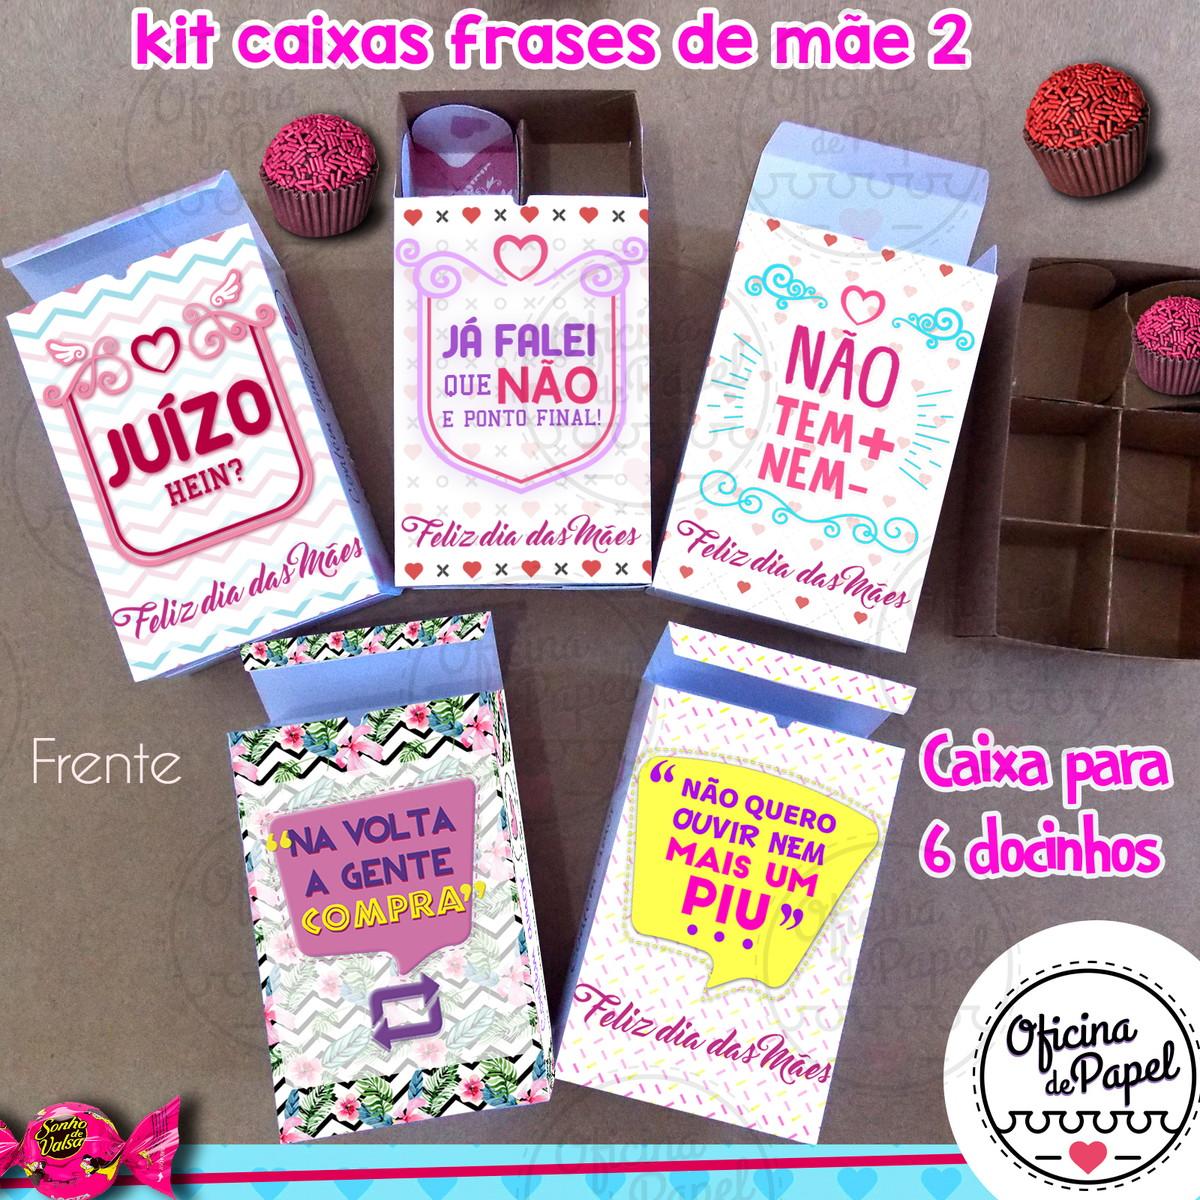 Kit 6 Caixas Frases De Mãe 2018 Arquivo De Corte No Elo7 G